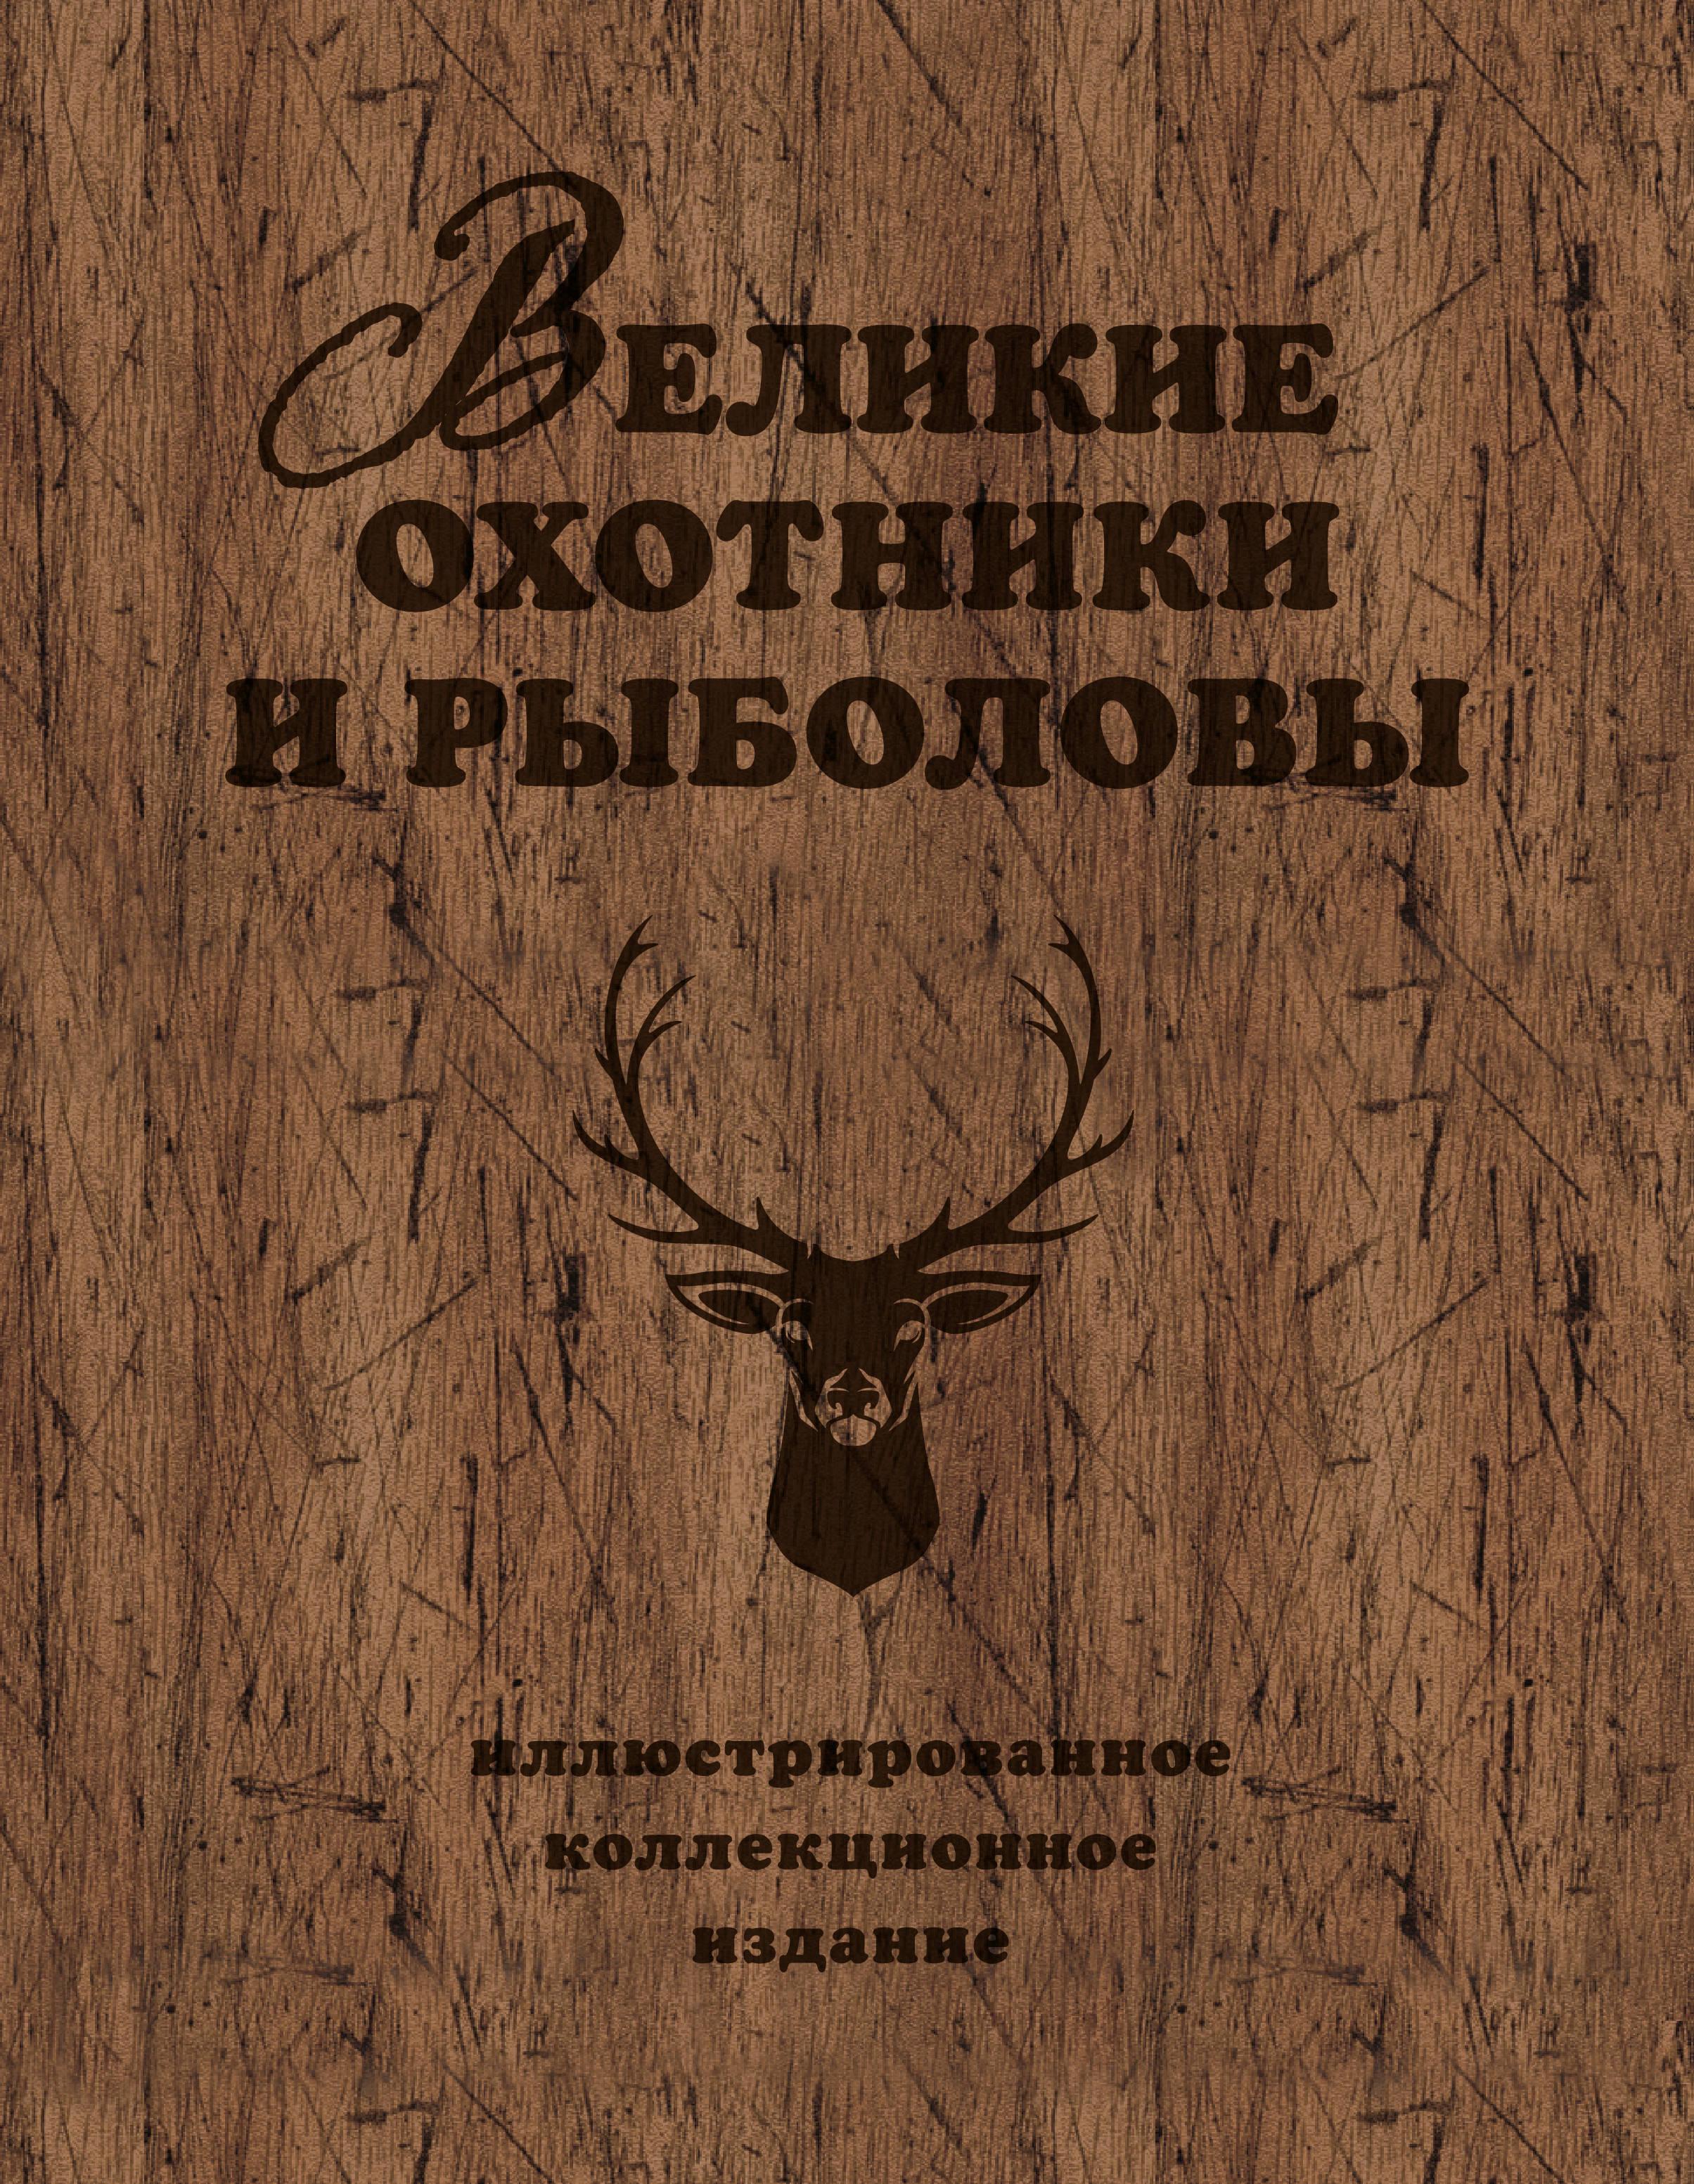 Очеретний Александр Дмитриевич Великие охотники и рыболовы. Иллюстрированное коллекционное издание велосипед forward rivera 1 0 2017